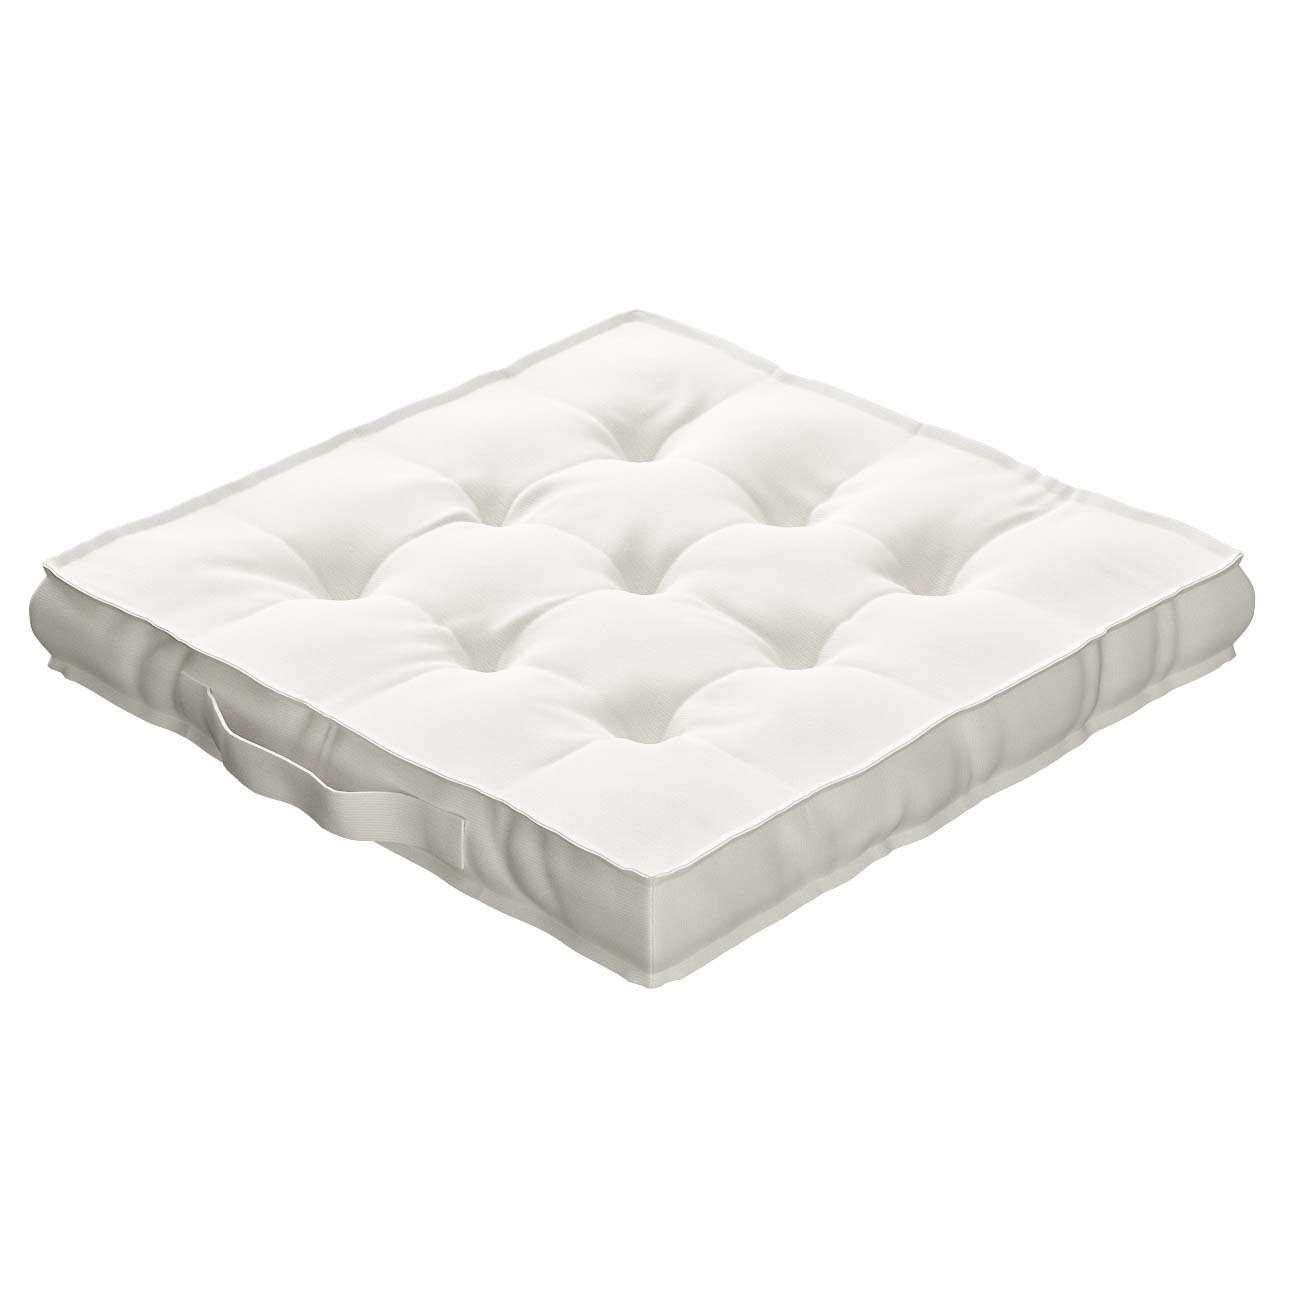 Sitzkissen Jacob mit Handgriff 40 x 40 x 6 cm von der Kollektion Cotton Panama, Stoff: 702-34